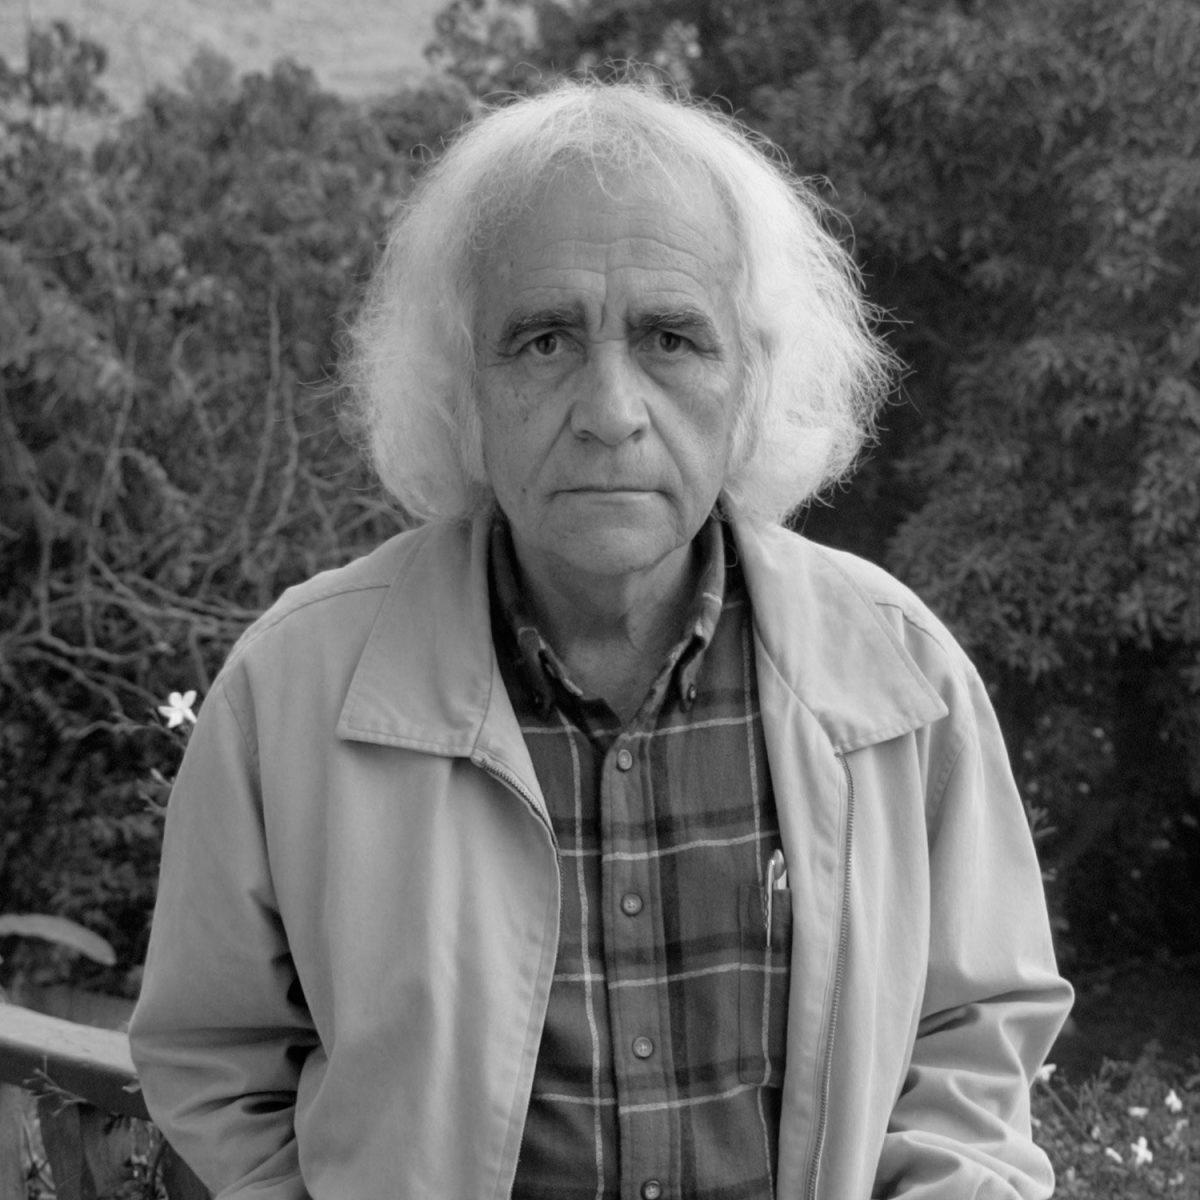 Arturo Corcuera